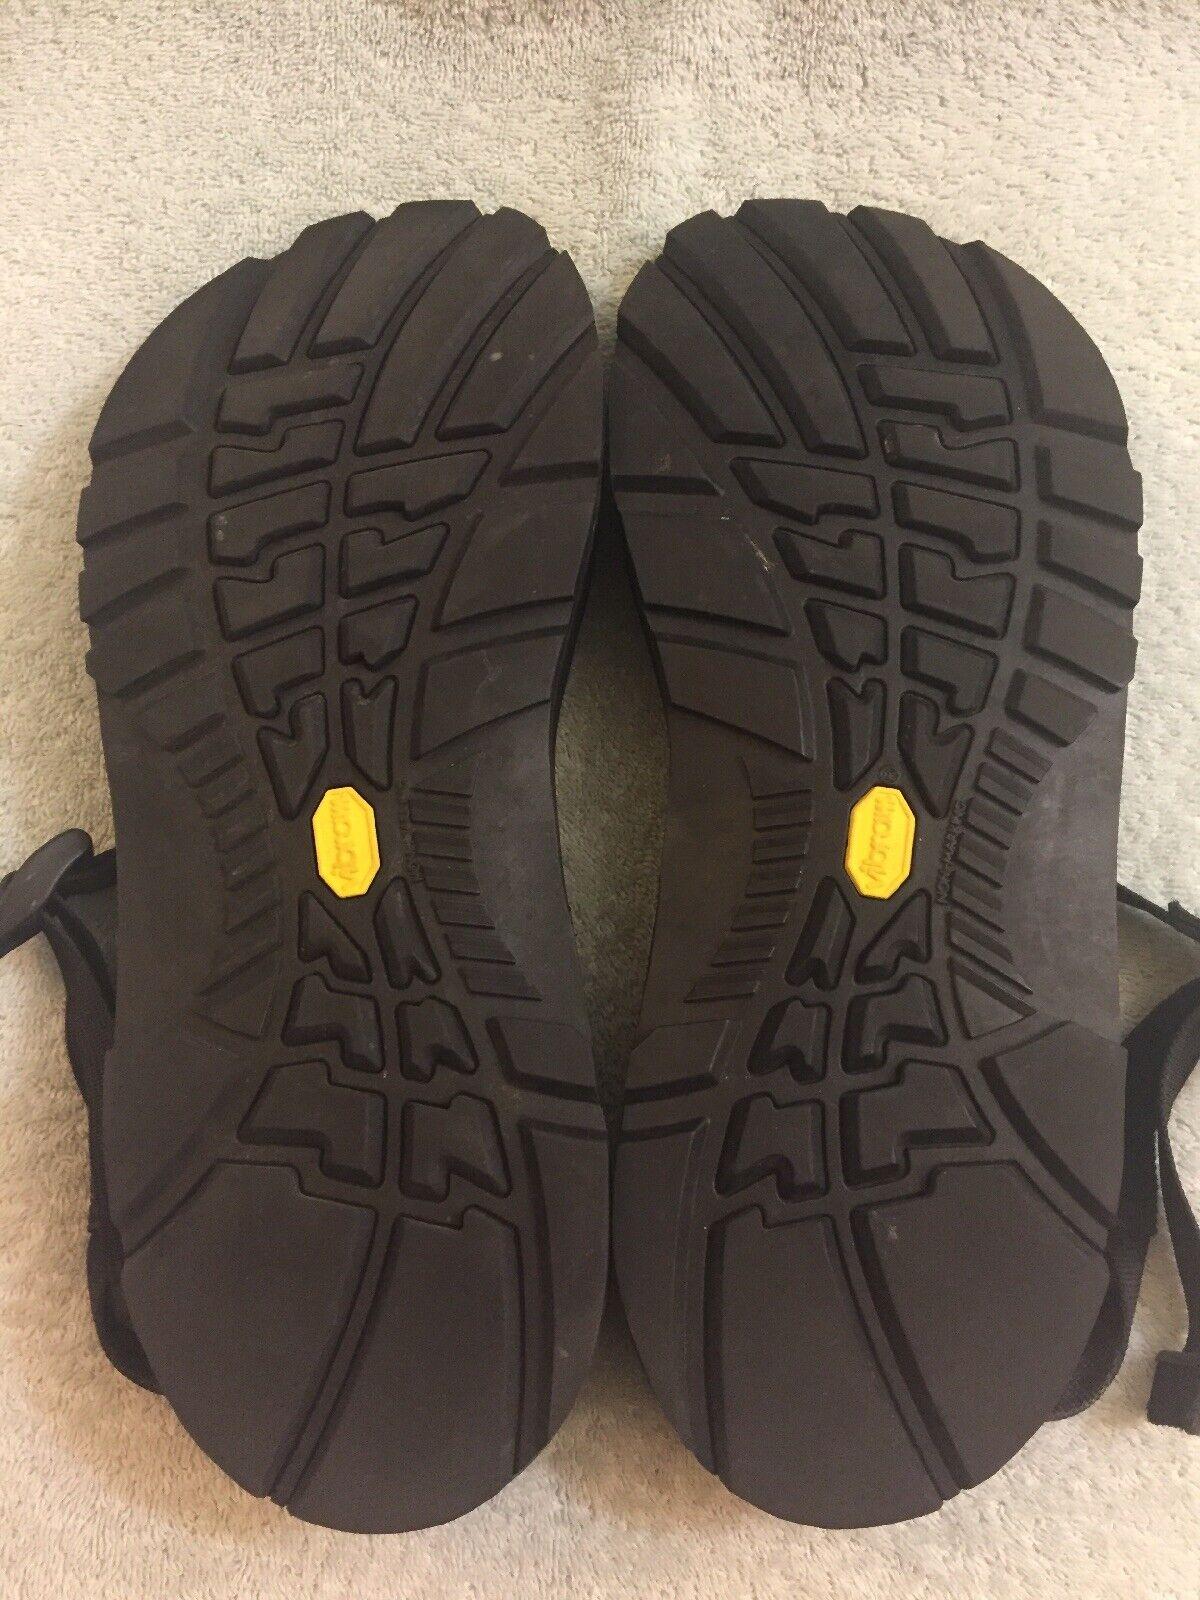 Chaco Vibram Z 2 Classic nero Sport Sandals Uomo Uomo Uomo Dimensione 15 1377f1